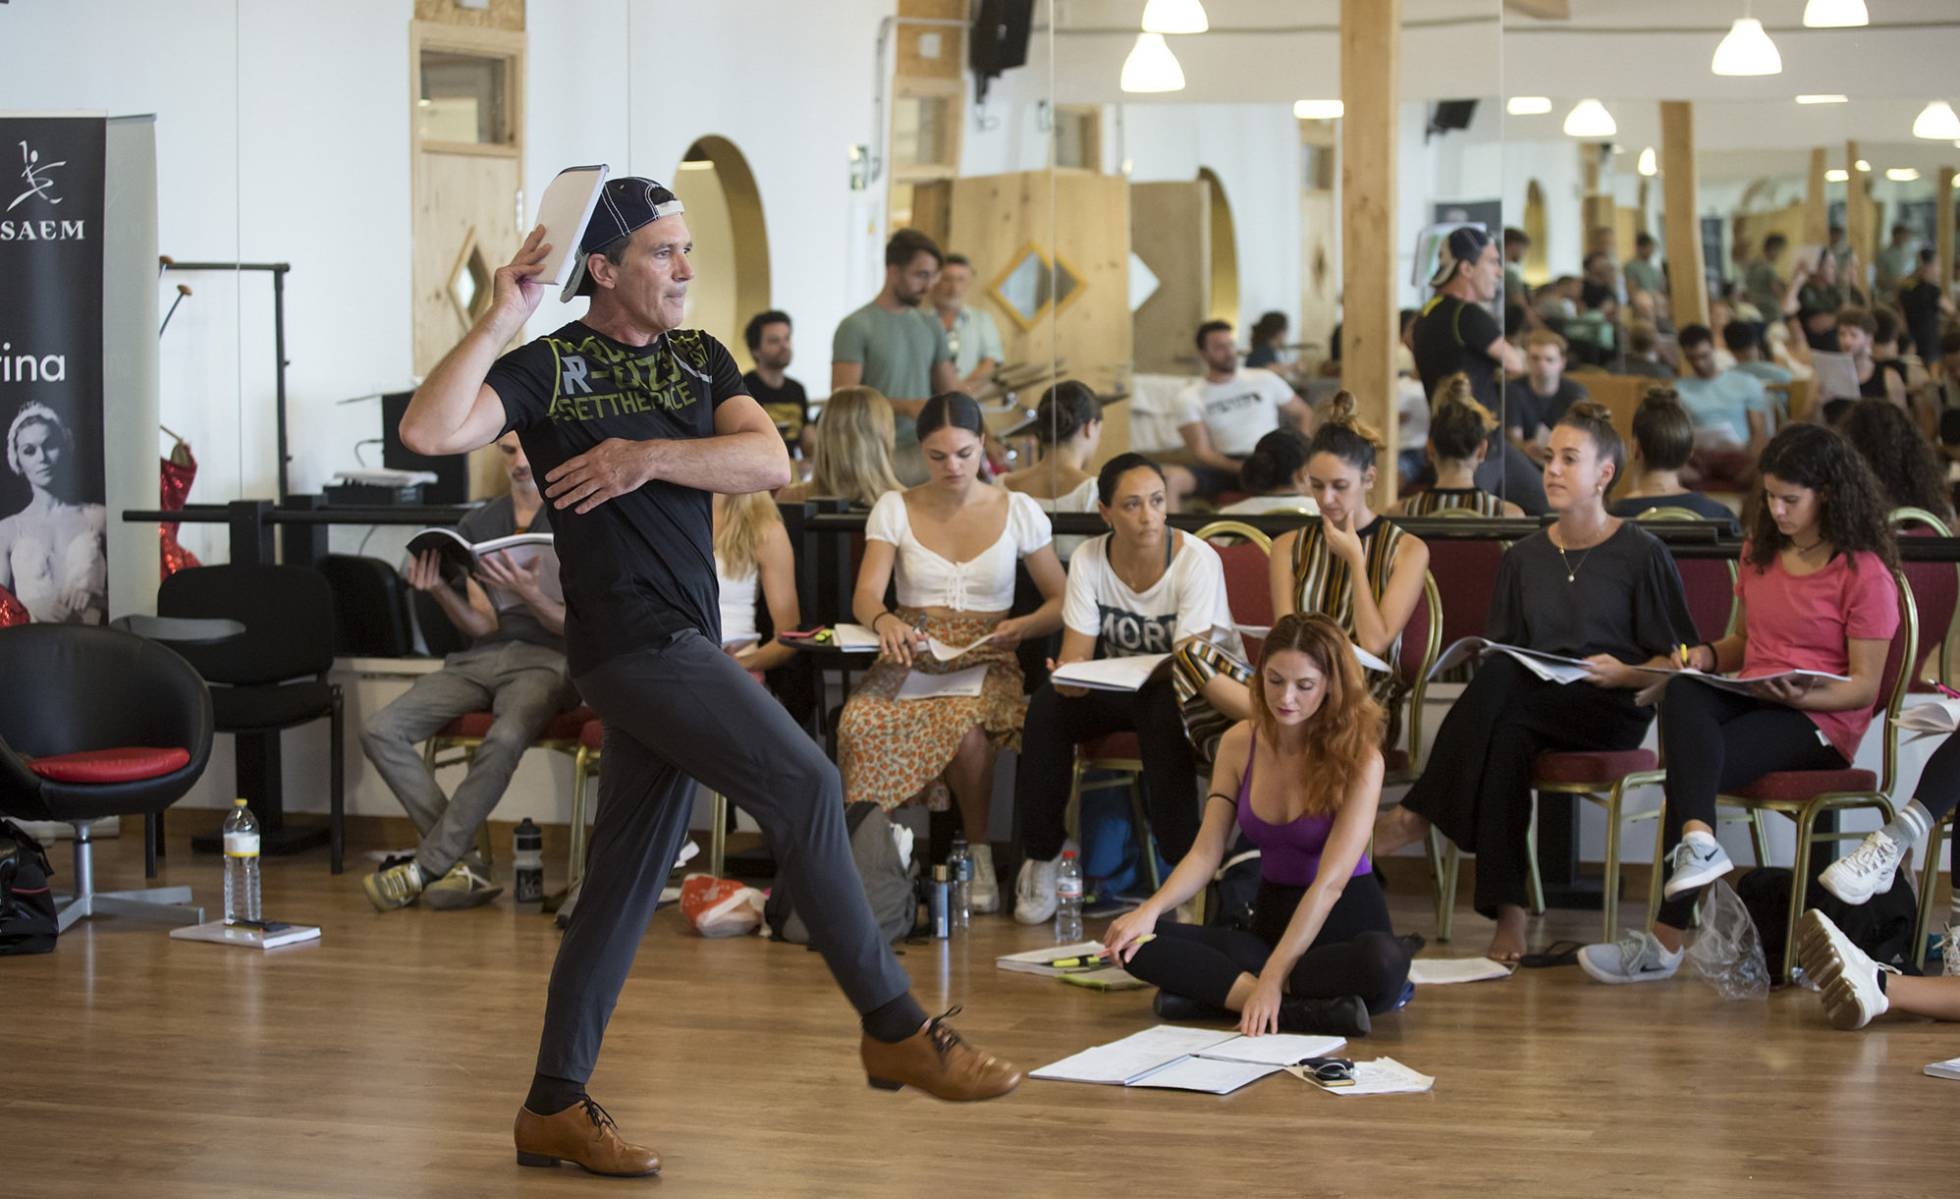 Антонио Бандерас привез дух Бродвея в Малагу